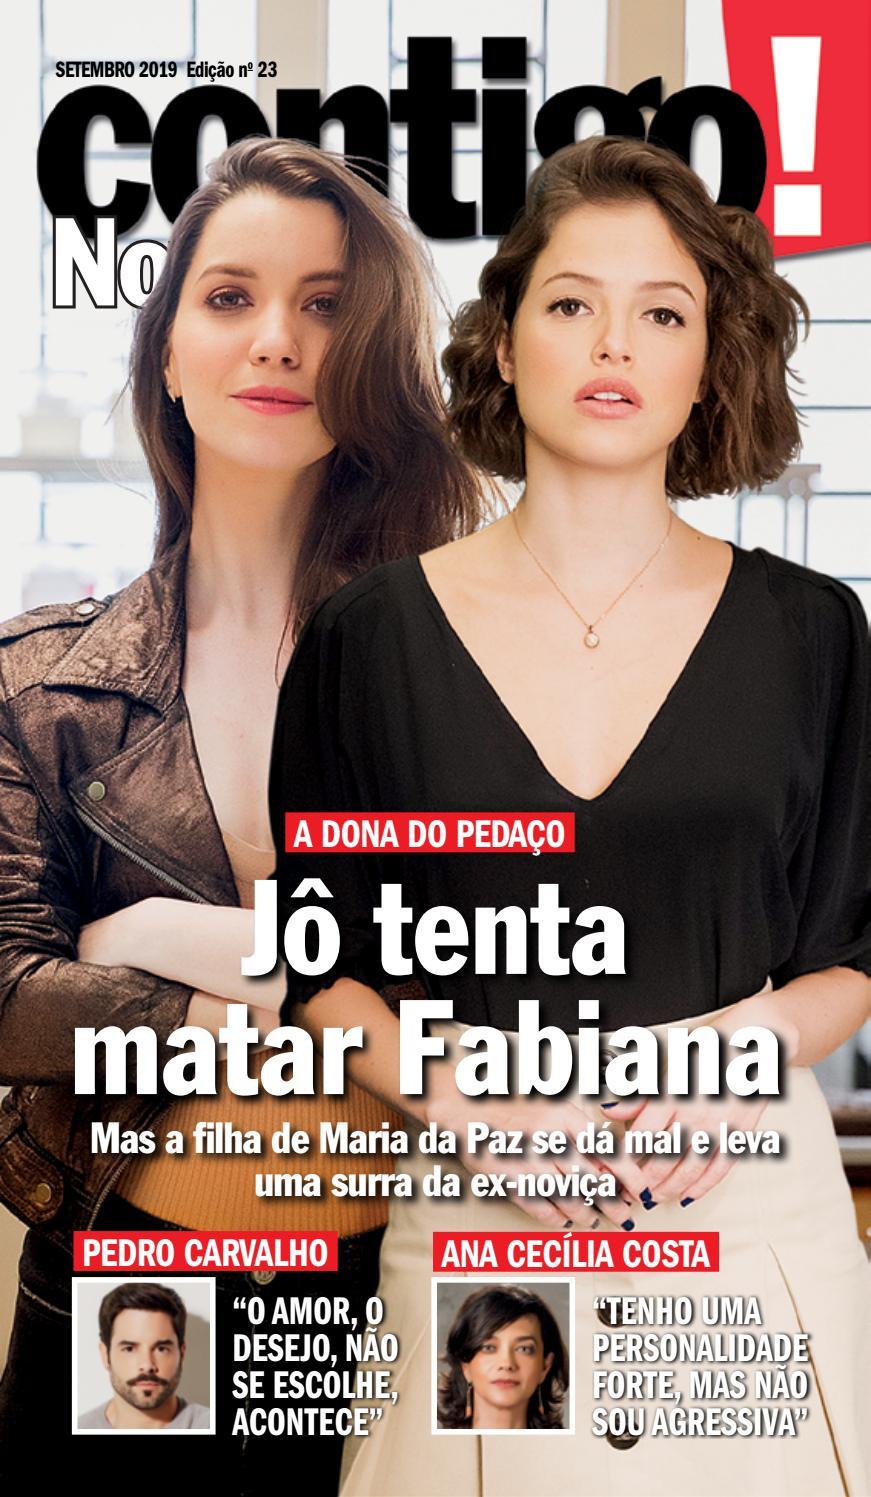 Ana Cecília Costa Atriz contigo! novelas - edição 23caras brasil - issuu